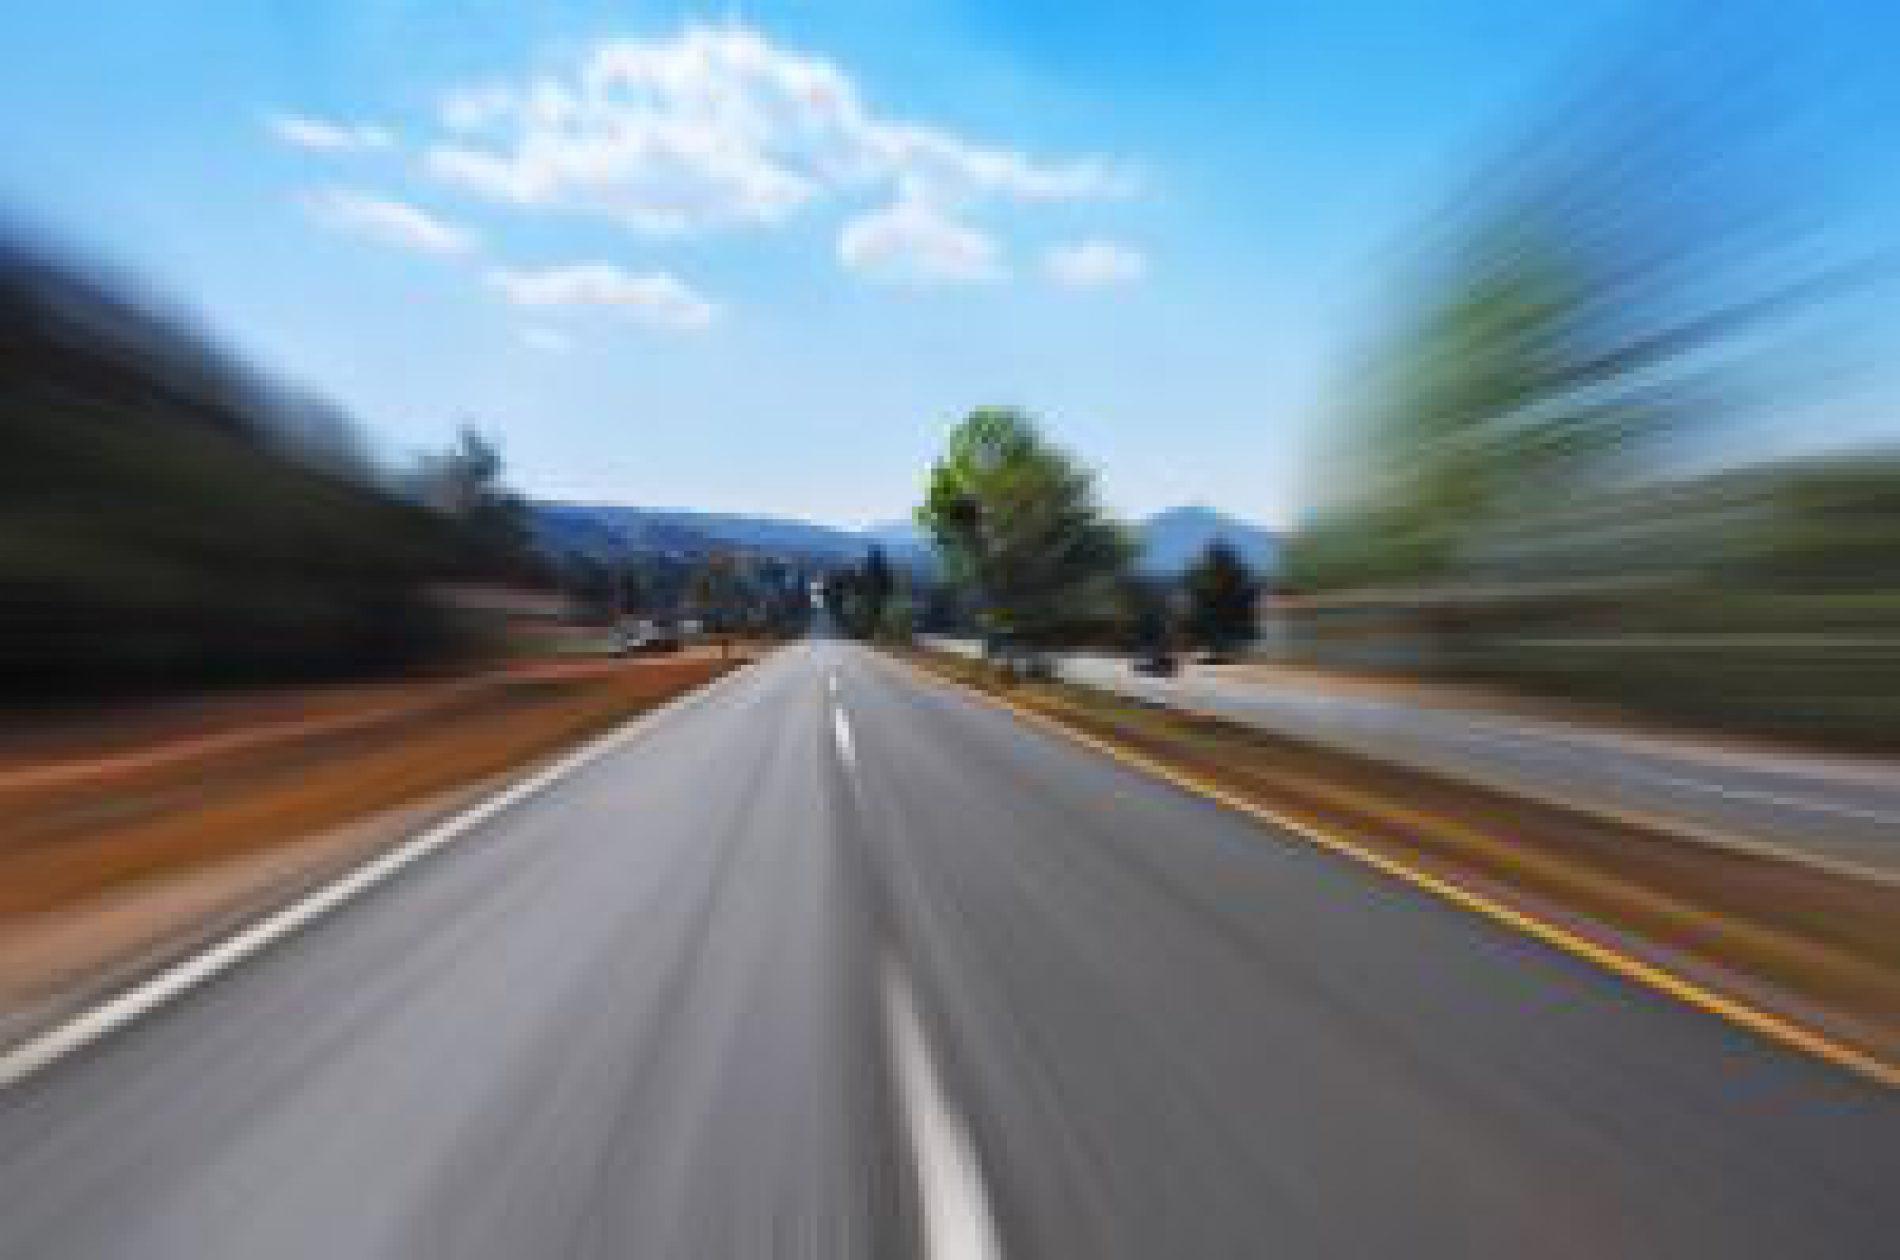 Warmińsko-mazurscy drogowcy będą testowali dwa pomysły bufostrady